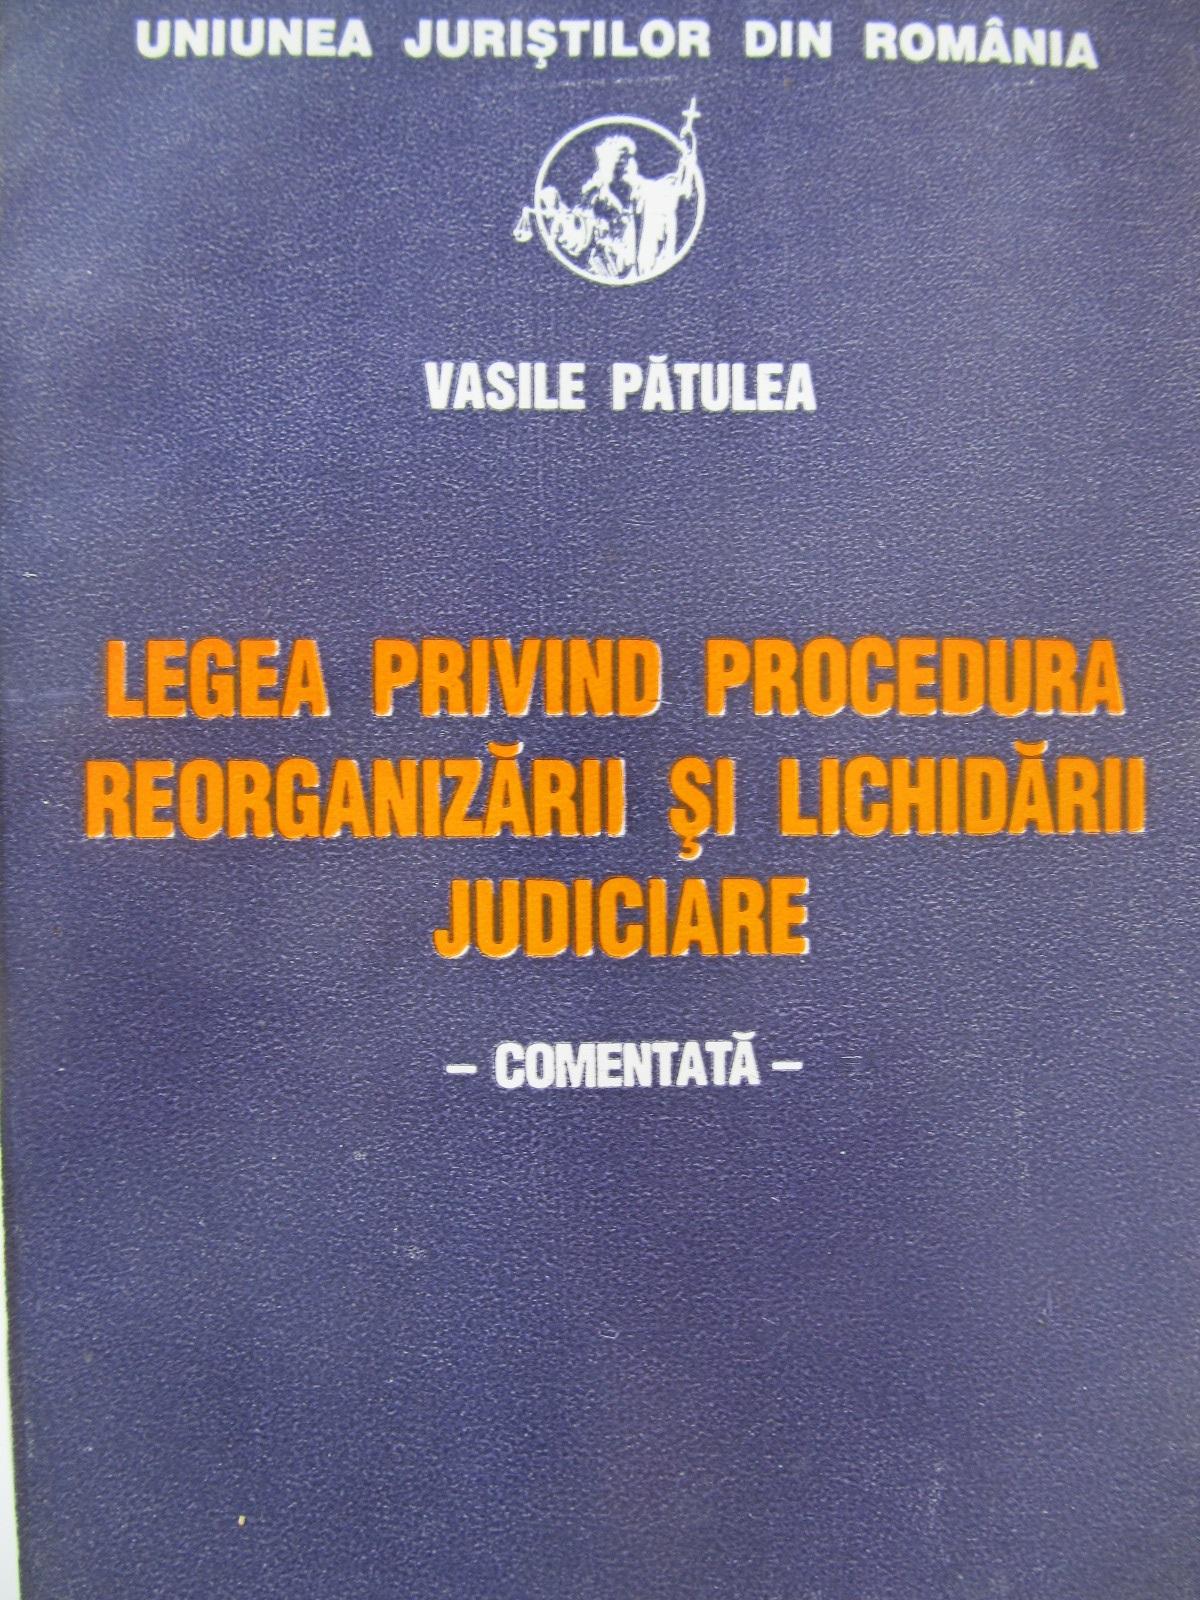 Legea privind procedura reorganizarii si lichidarii judiciare - comentata - Vasile Patulea | Detalii carte